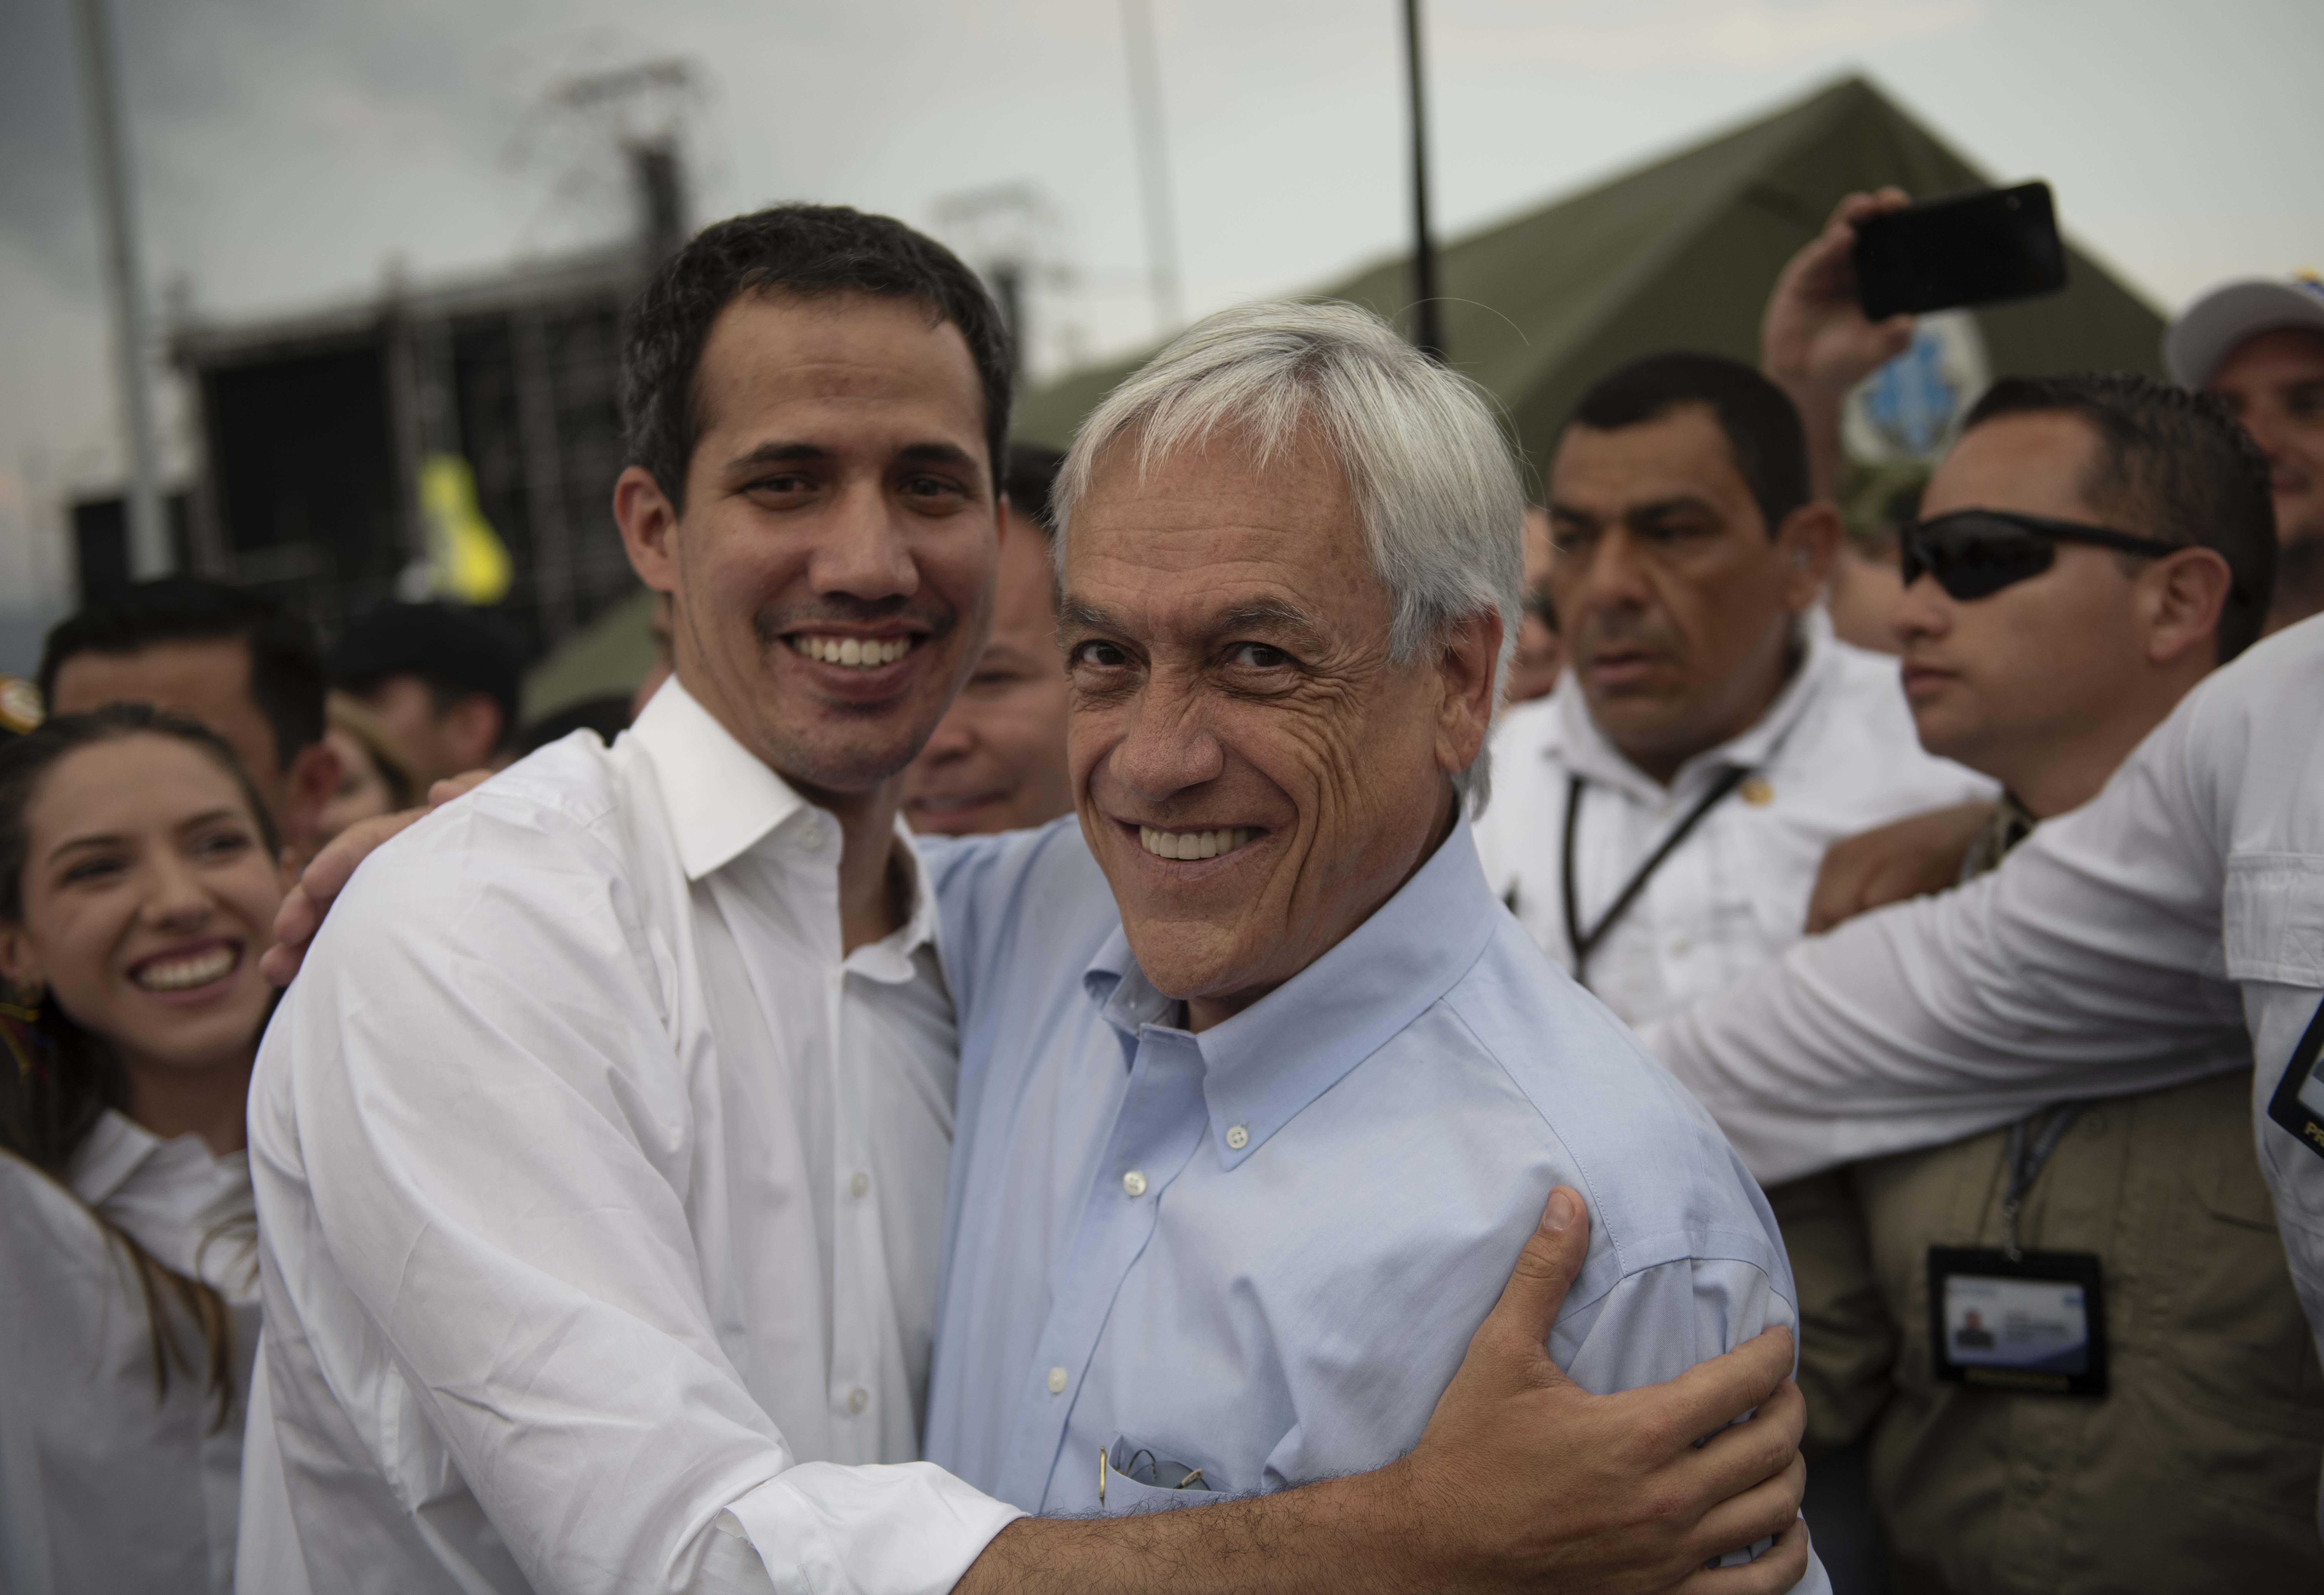 22 de FEBRERO del 2019/CÚCUTA El Presidente de la República, Sebastián Piñera, se reúne con el presidente encargado de Venezuela, Juan Guaidó, en su llegada a Cúcuta, para hacer entrega de la ayuda humanitaria. FOTO: PRESIDENCIA VIA AGENCIAUNO